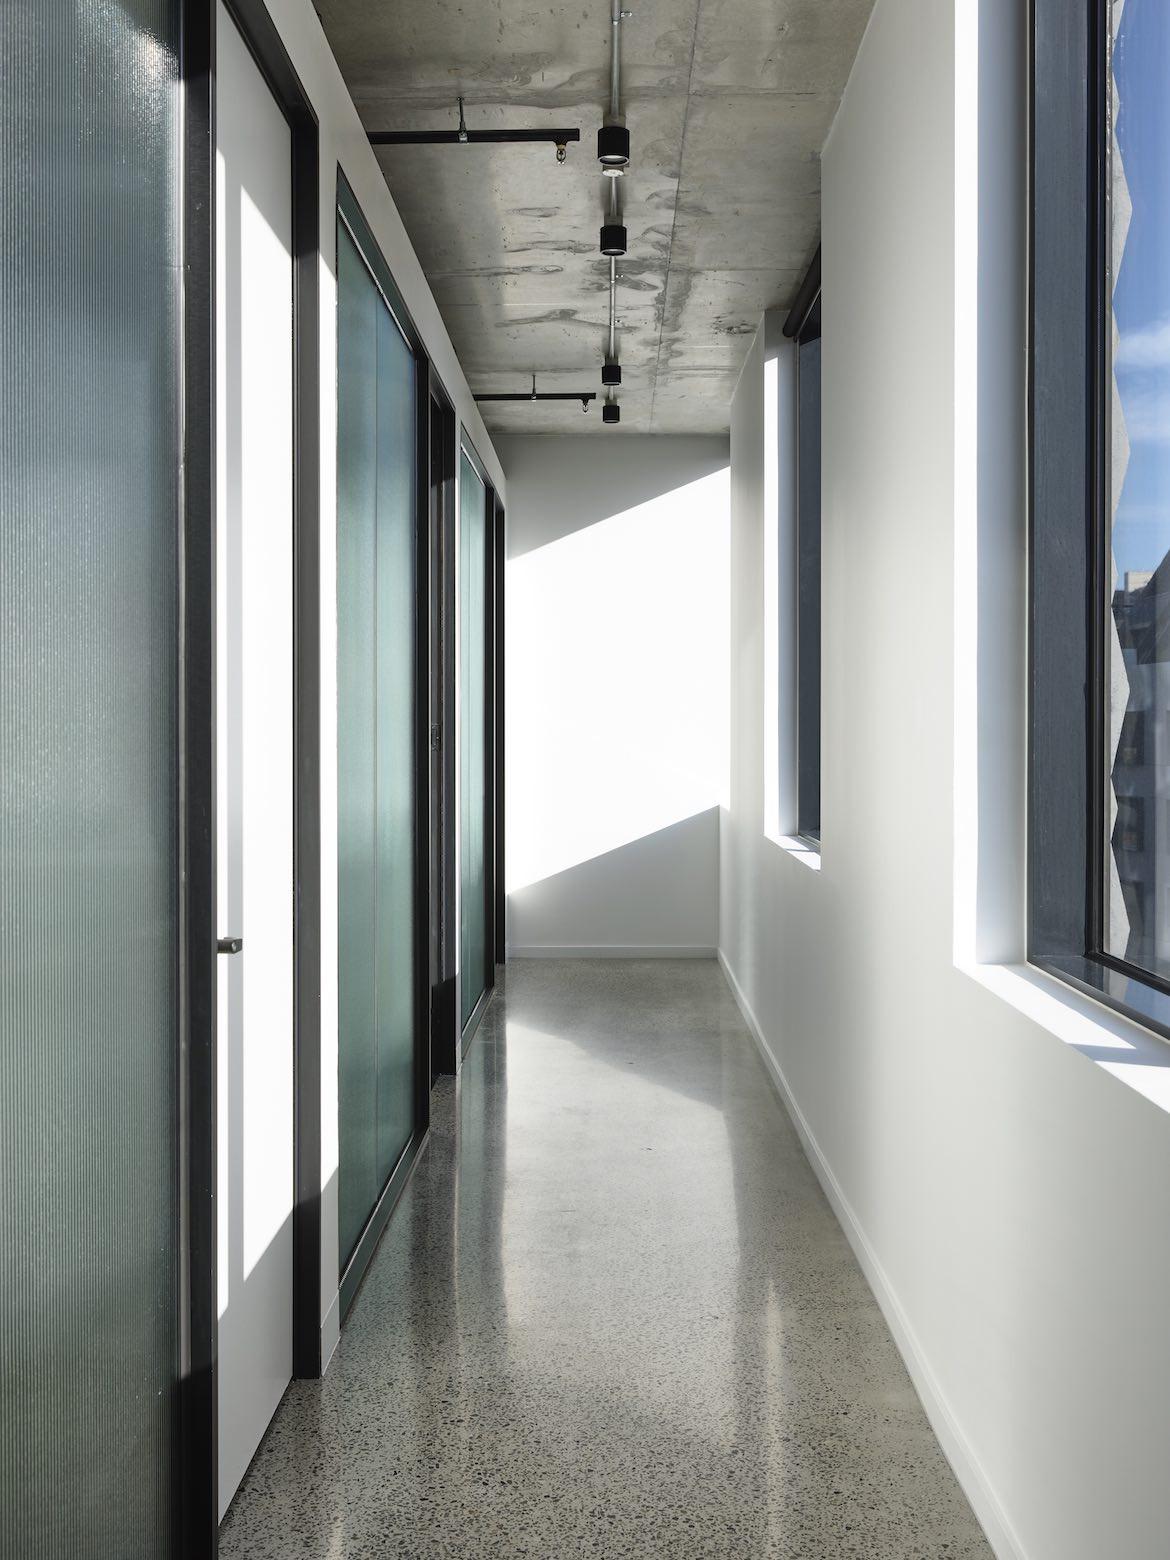 Long glass door hallway in the McCluskey Studio and SJB designed medical practice.